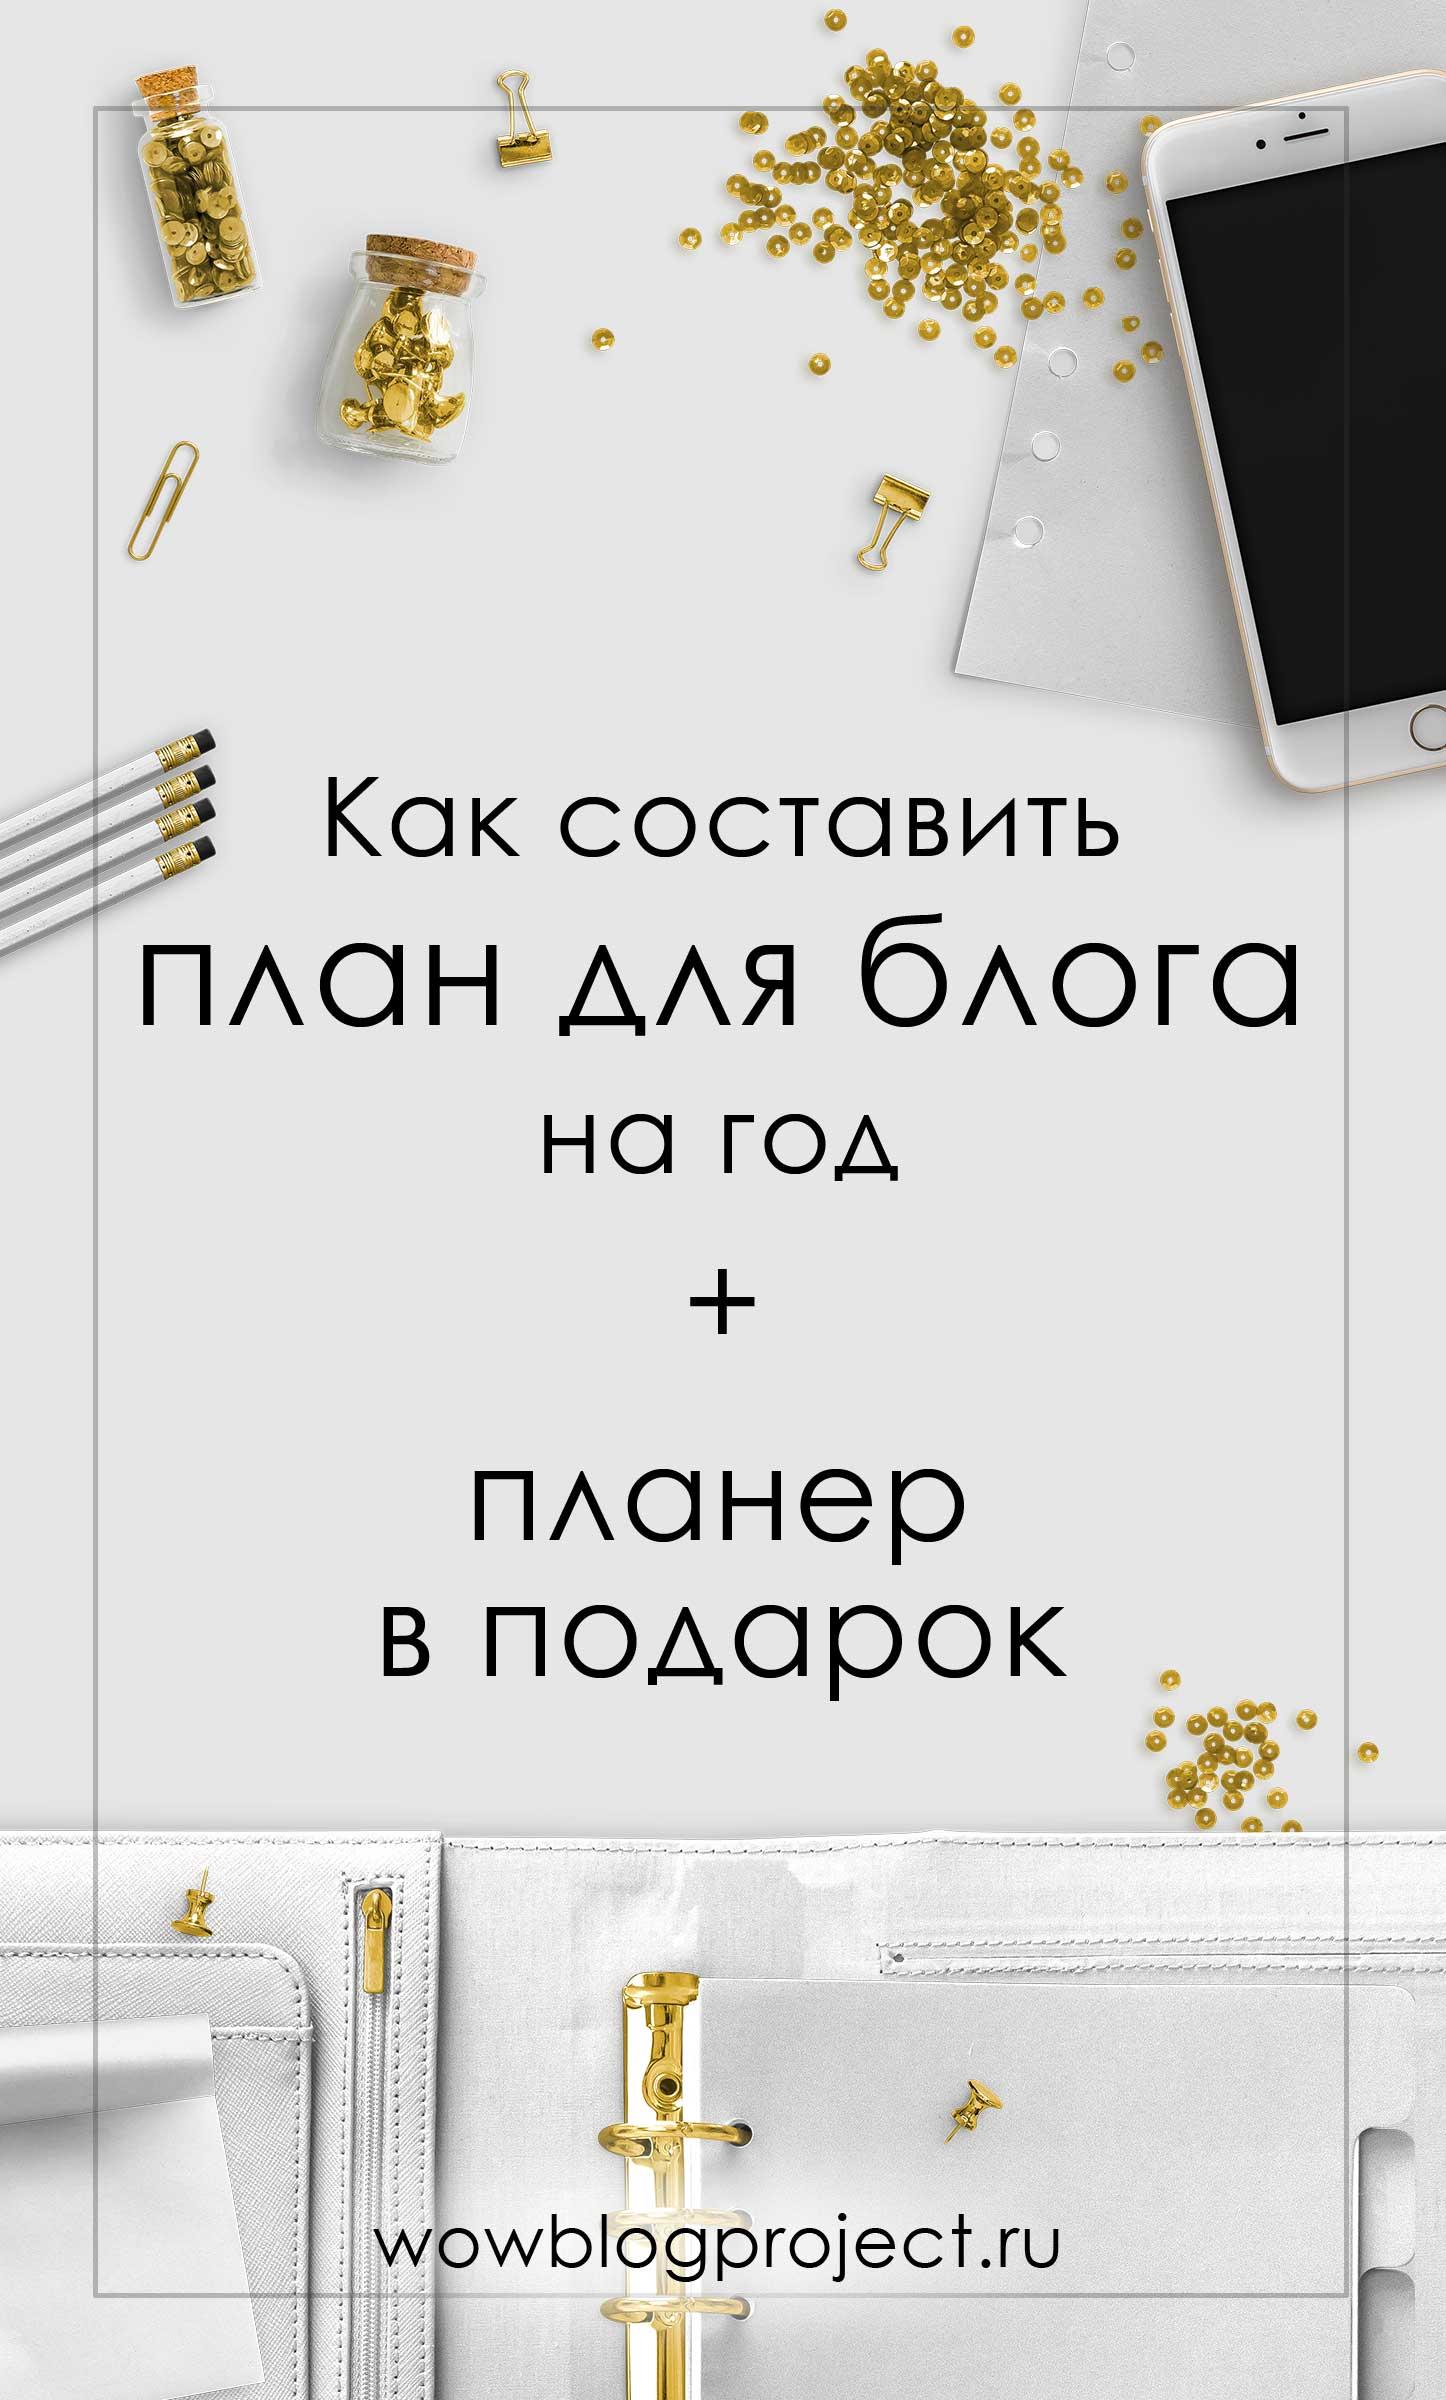 Бесплатный планер для блогера